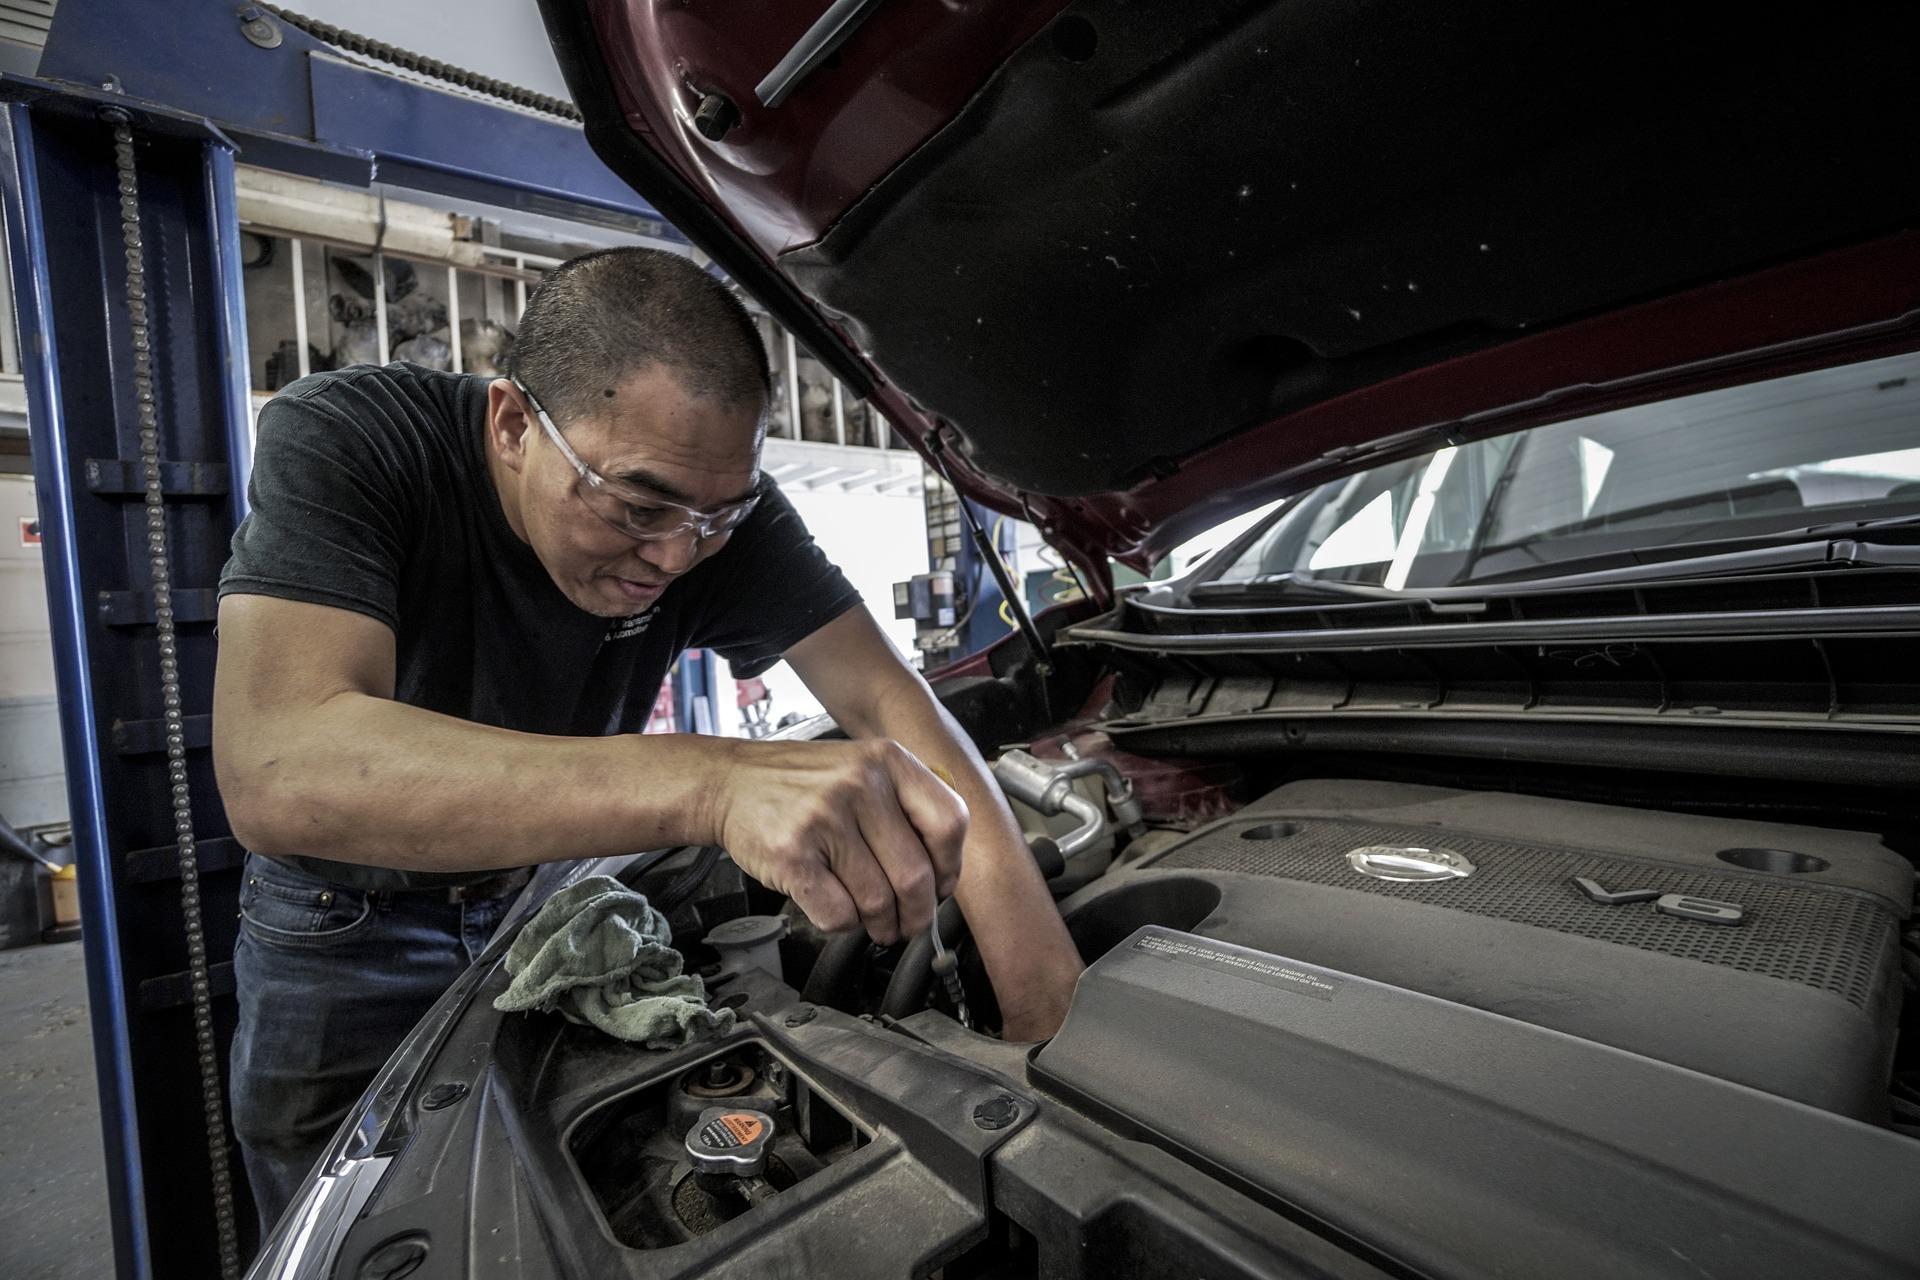 Start-controle toevoegen aan uw auto